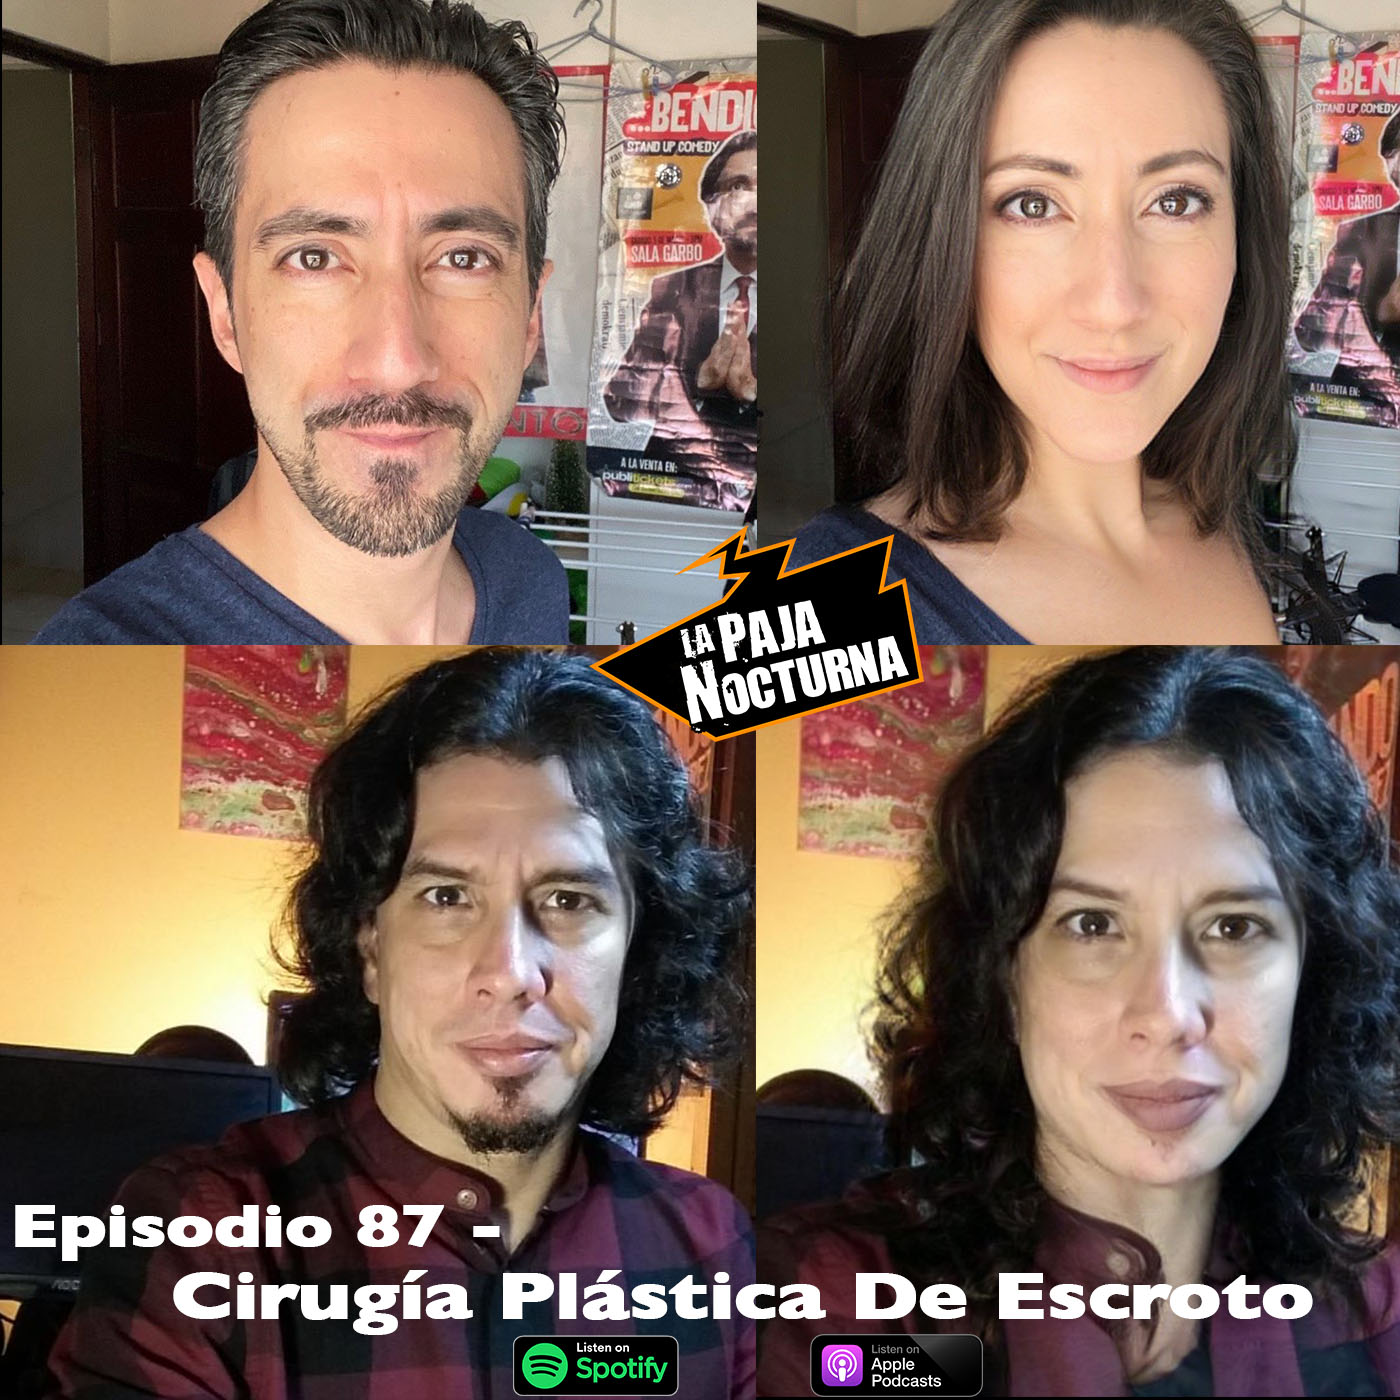 La paja nocturna podcast Episodio 87